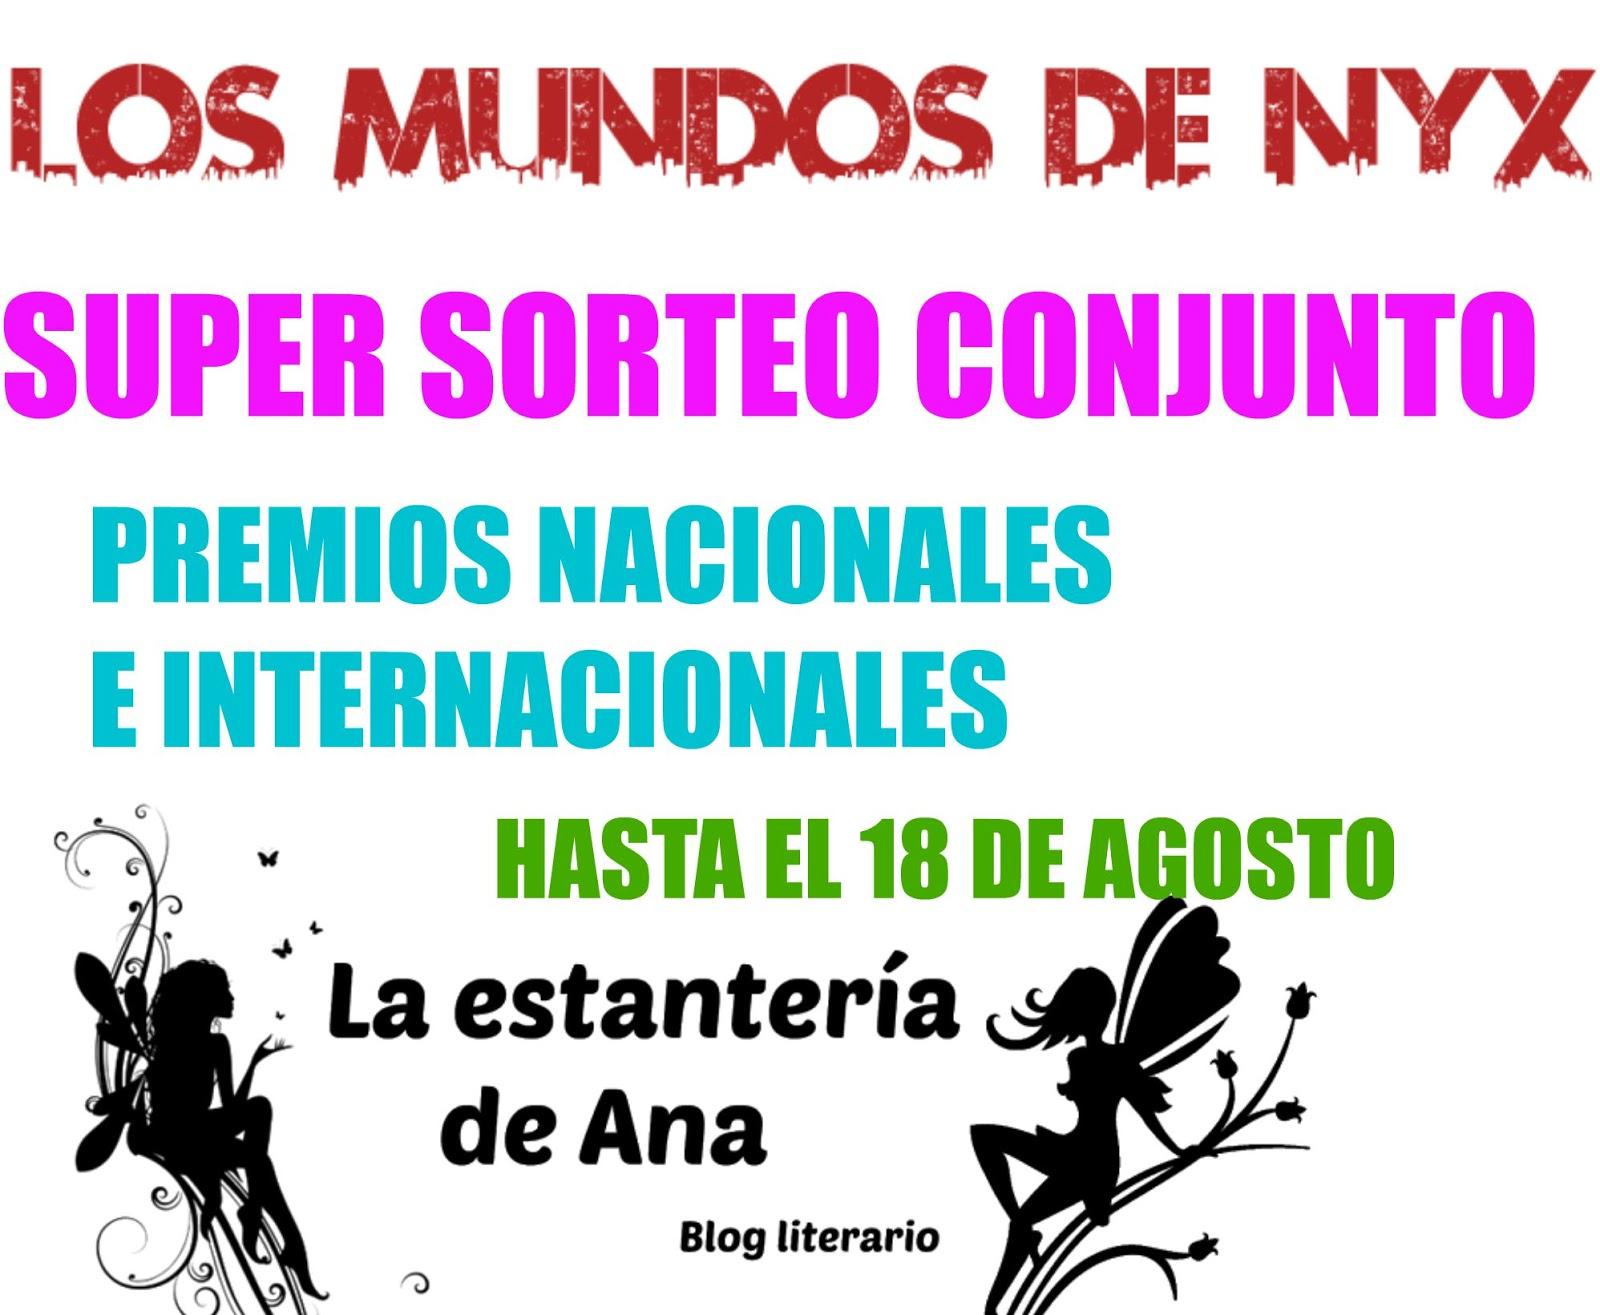 http://laestanteriadeana.blogspot.com.es/2015/07/super-sorteo-conjunto-con-nyx-tyson.html?showComment=1437236175449#c1527922646334350171